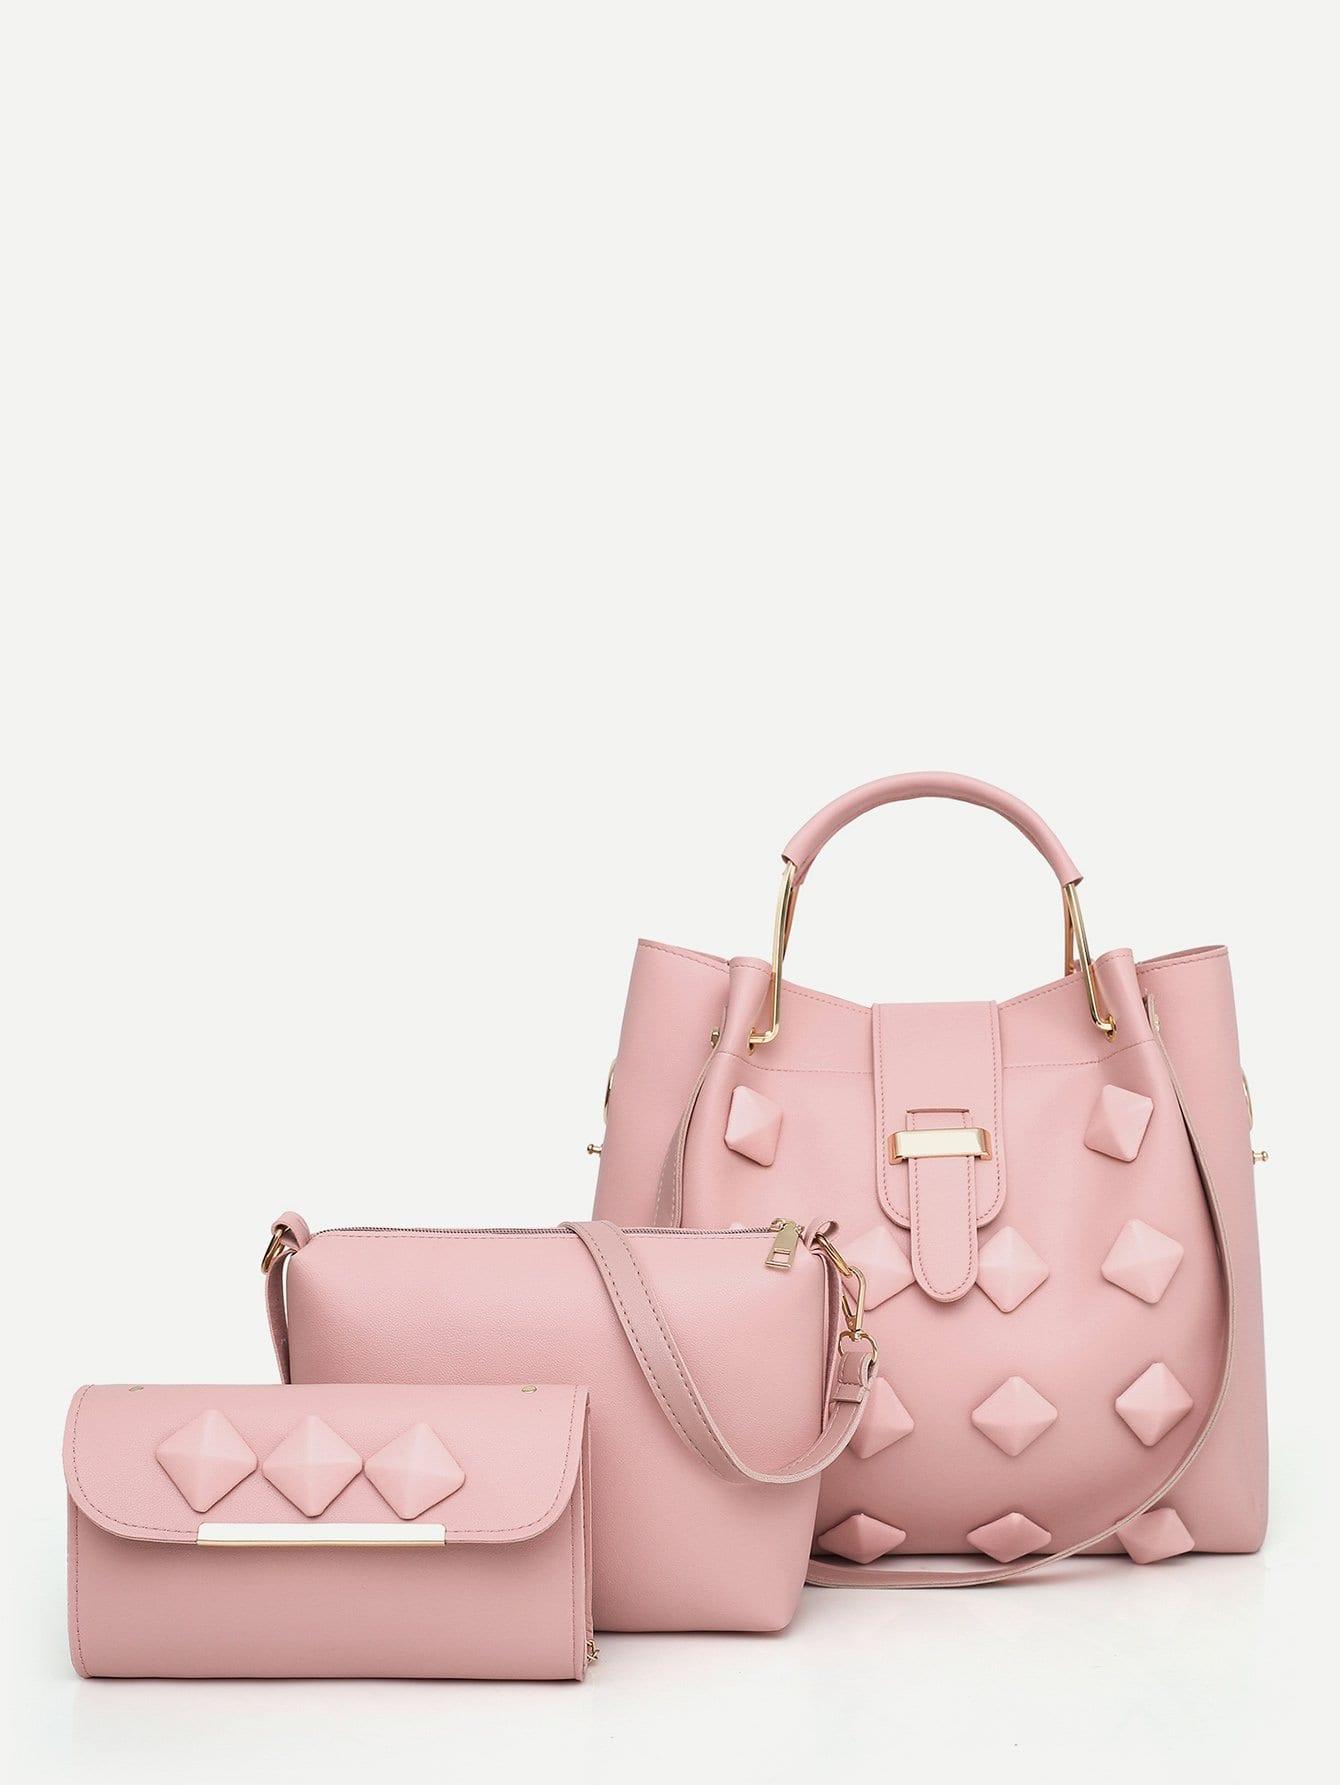 Купить Шипованный Наборсумок розовый Сумки, null, SheIn